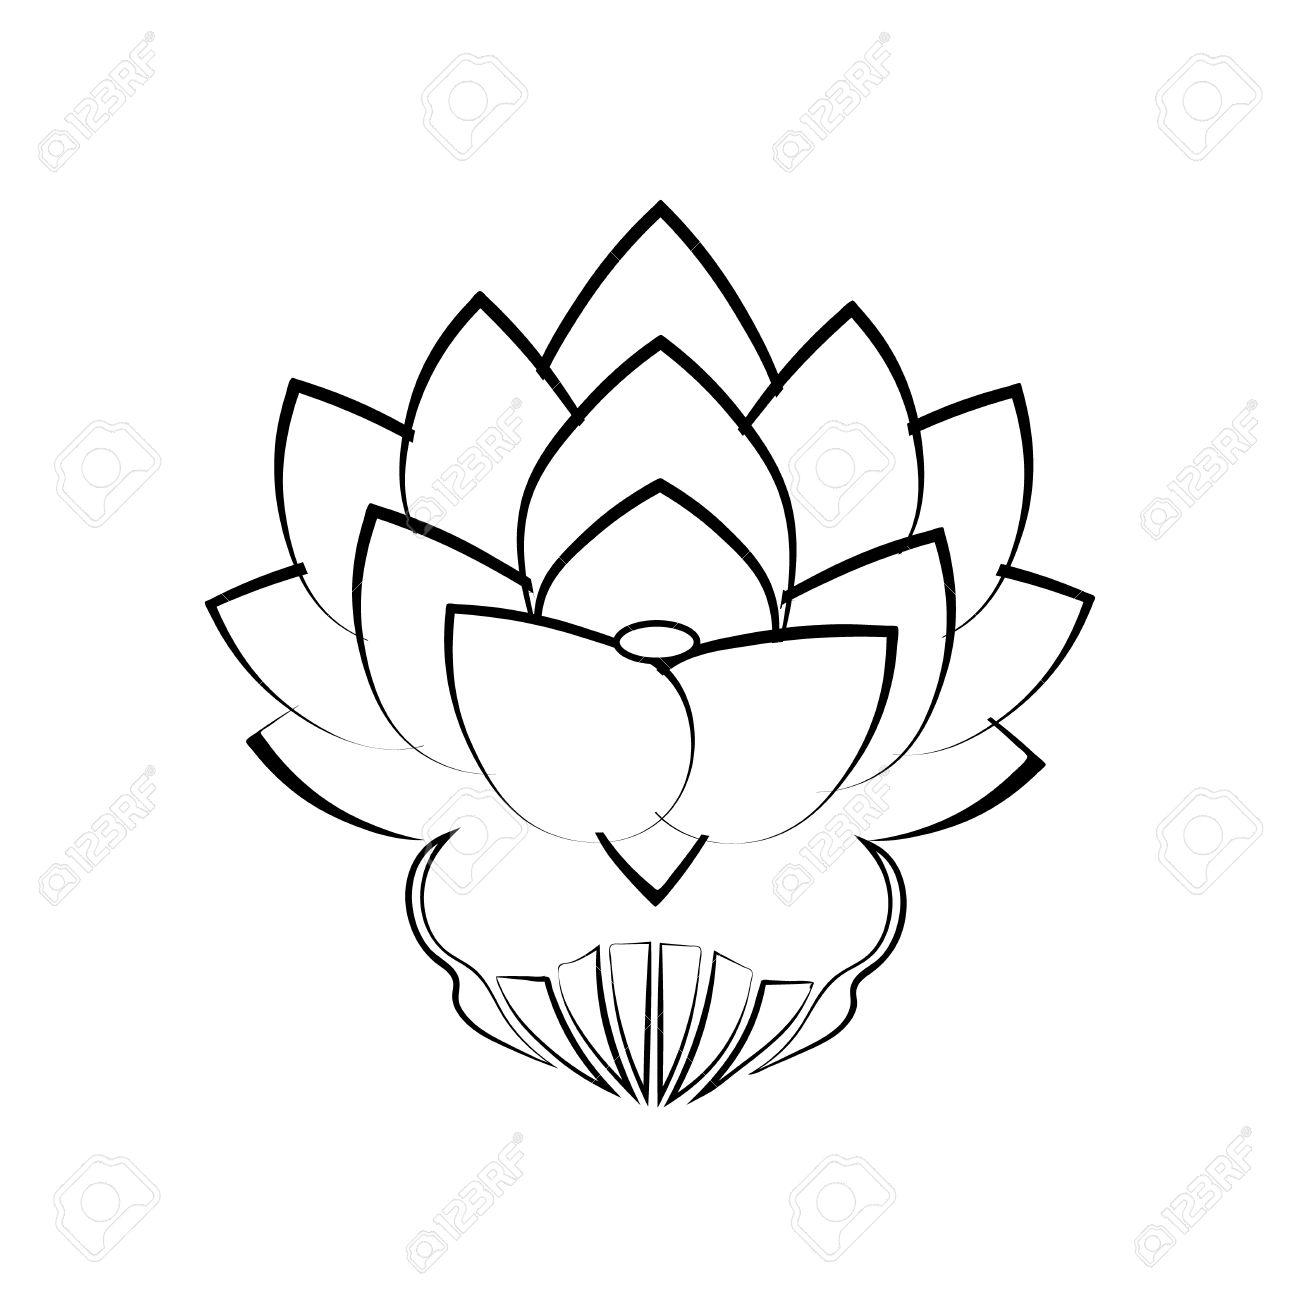 Noir Image Stylisée Dune Fleur De Lotus Sur Un Fond Blanc Tatouage Le Symbole De Lengagement Au Bouddha Au Japon Illustration